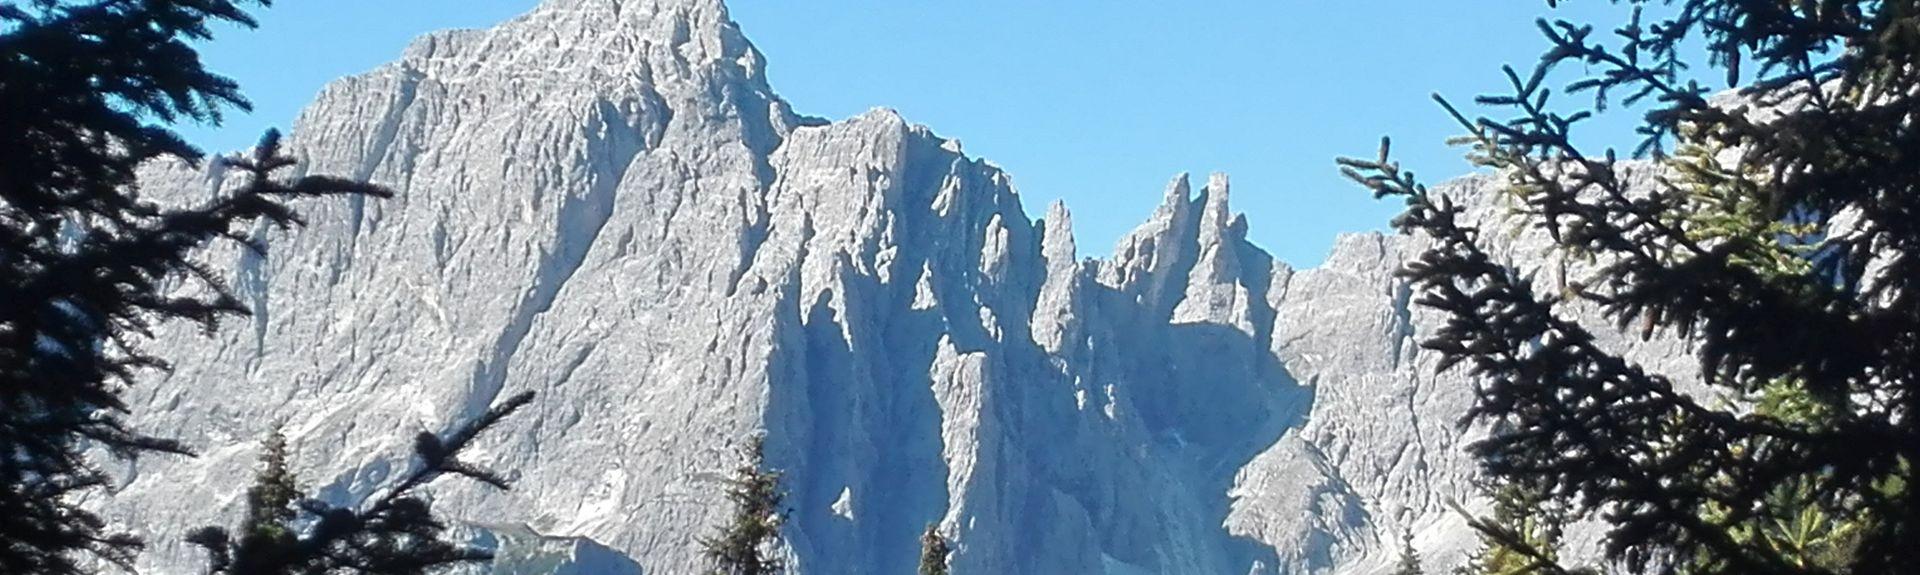 Innichen, Trentino-Südtirol, Italien